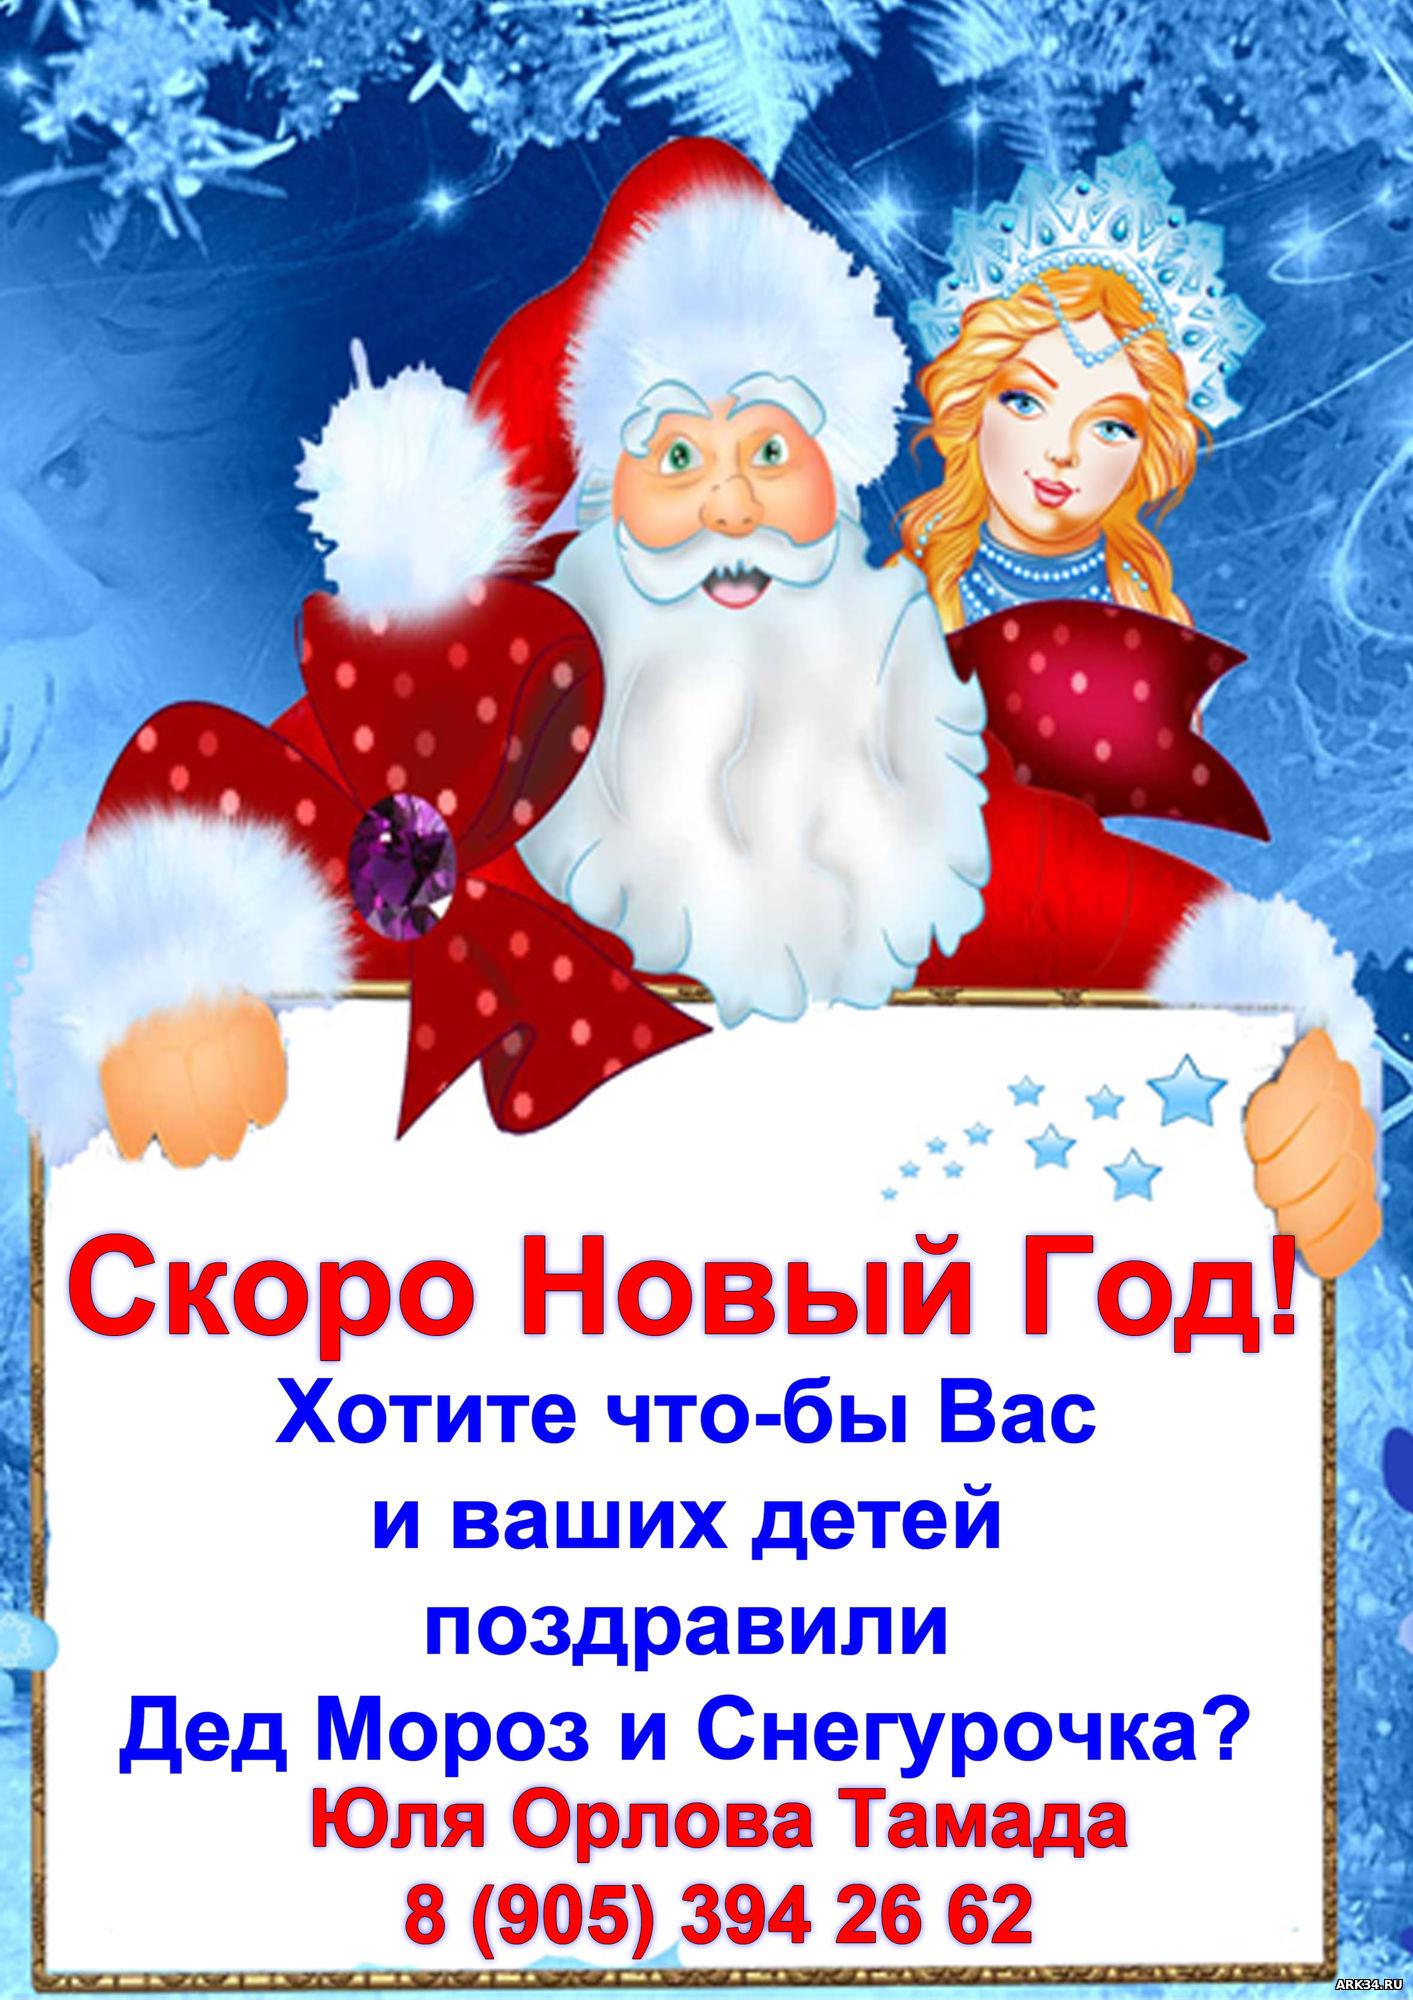 Новогоднее поздравление деда мороза детям по именам